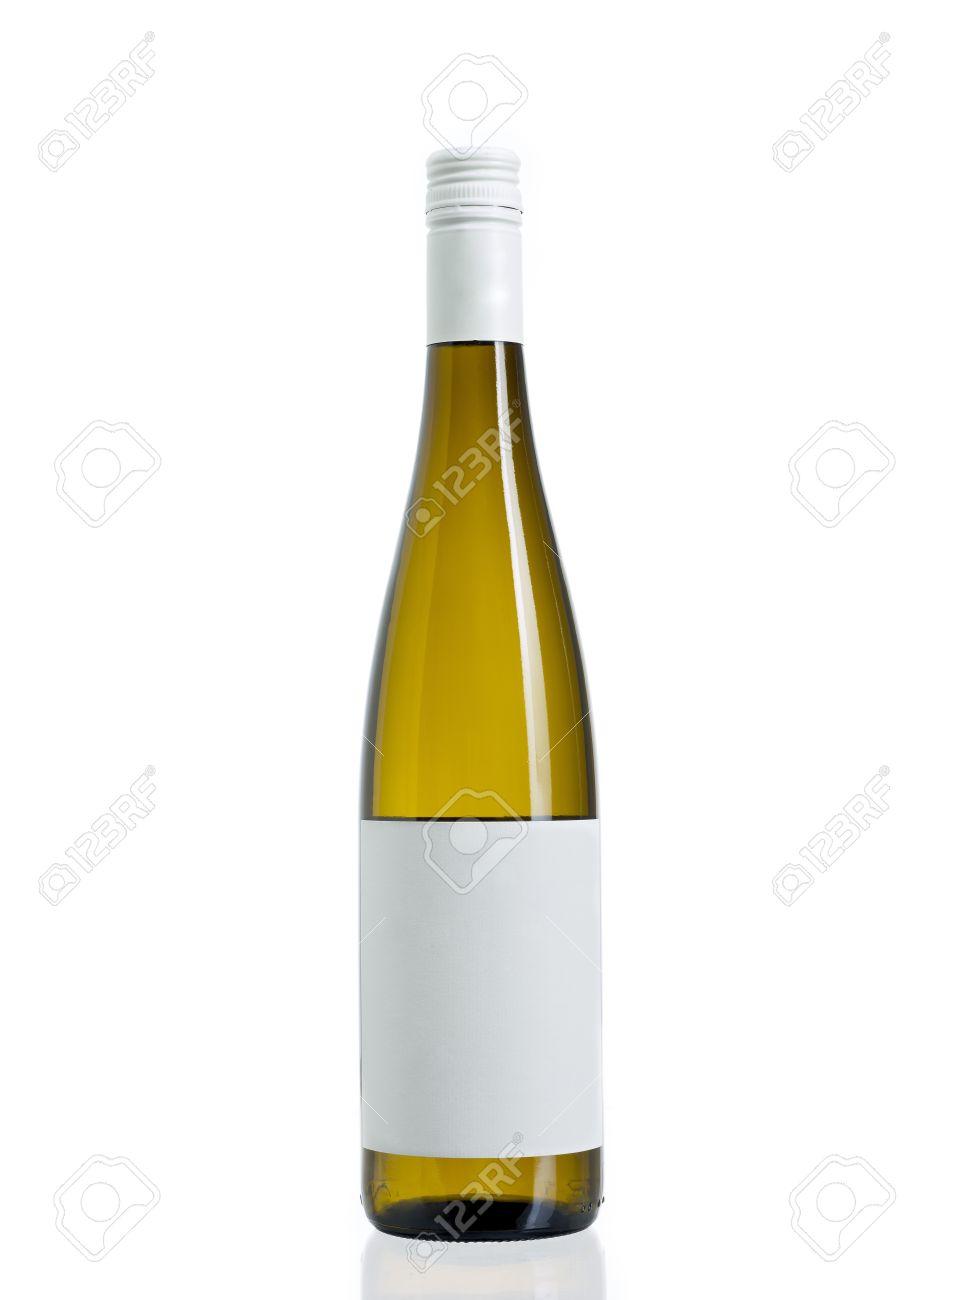 Photo De Vin Une Bouteille De Vin Scell E Avec Une Tiquette Vierge